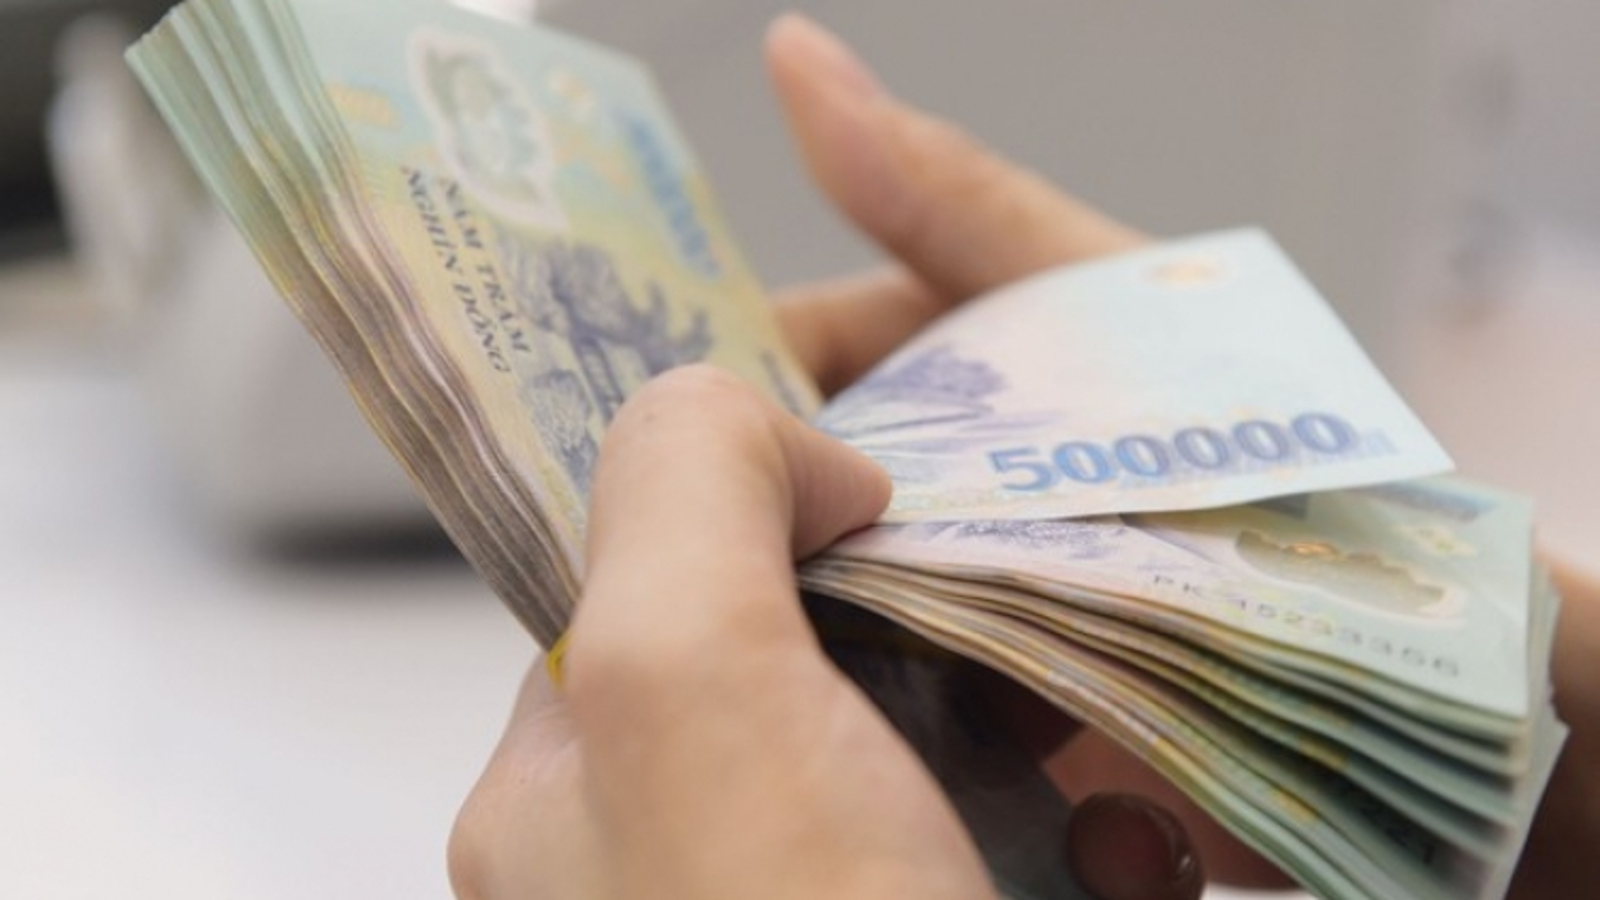 Bộ Tài chính Hoa Kỳ đánh giá không đủ căn cứ để xác định Việt Nam thao túng tiền tệ